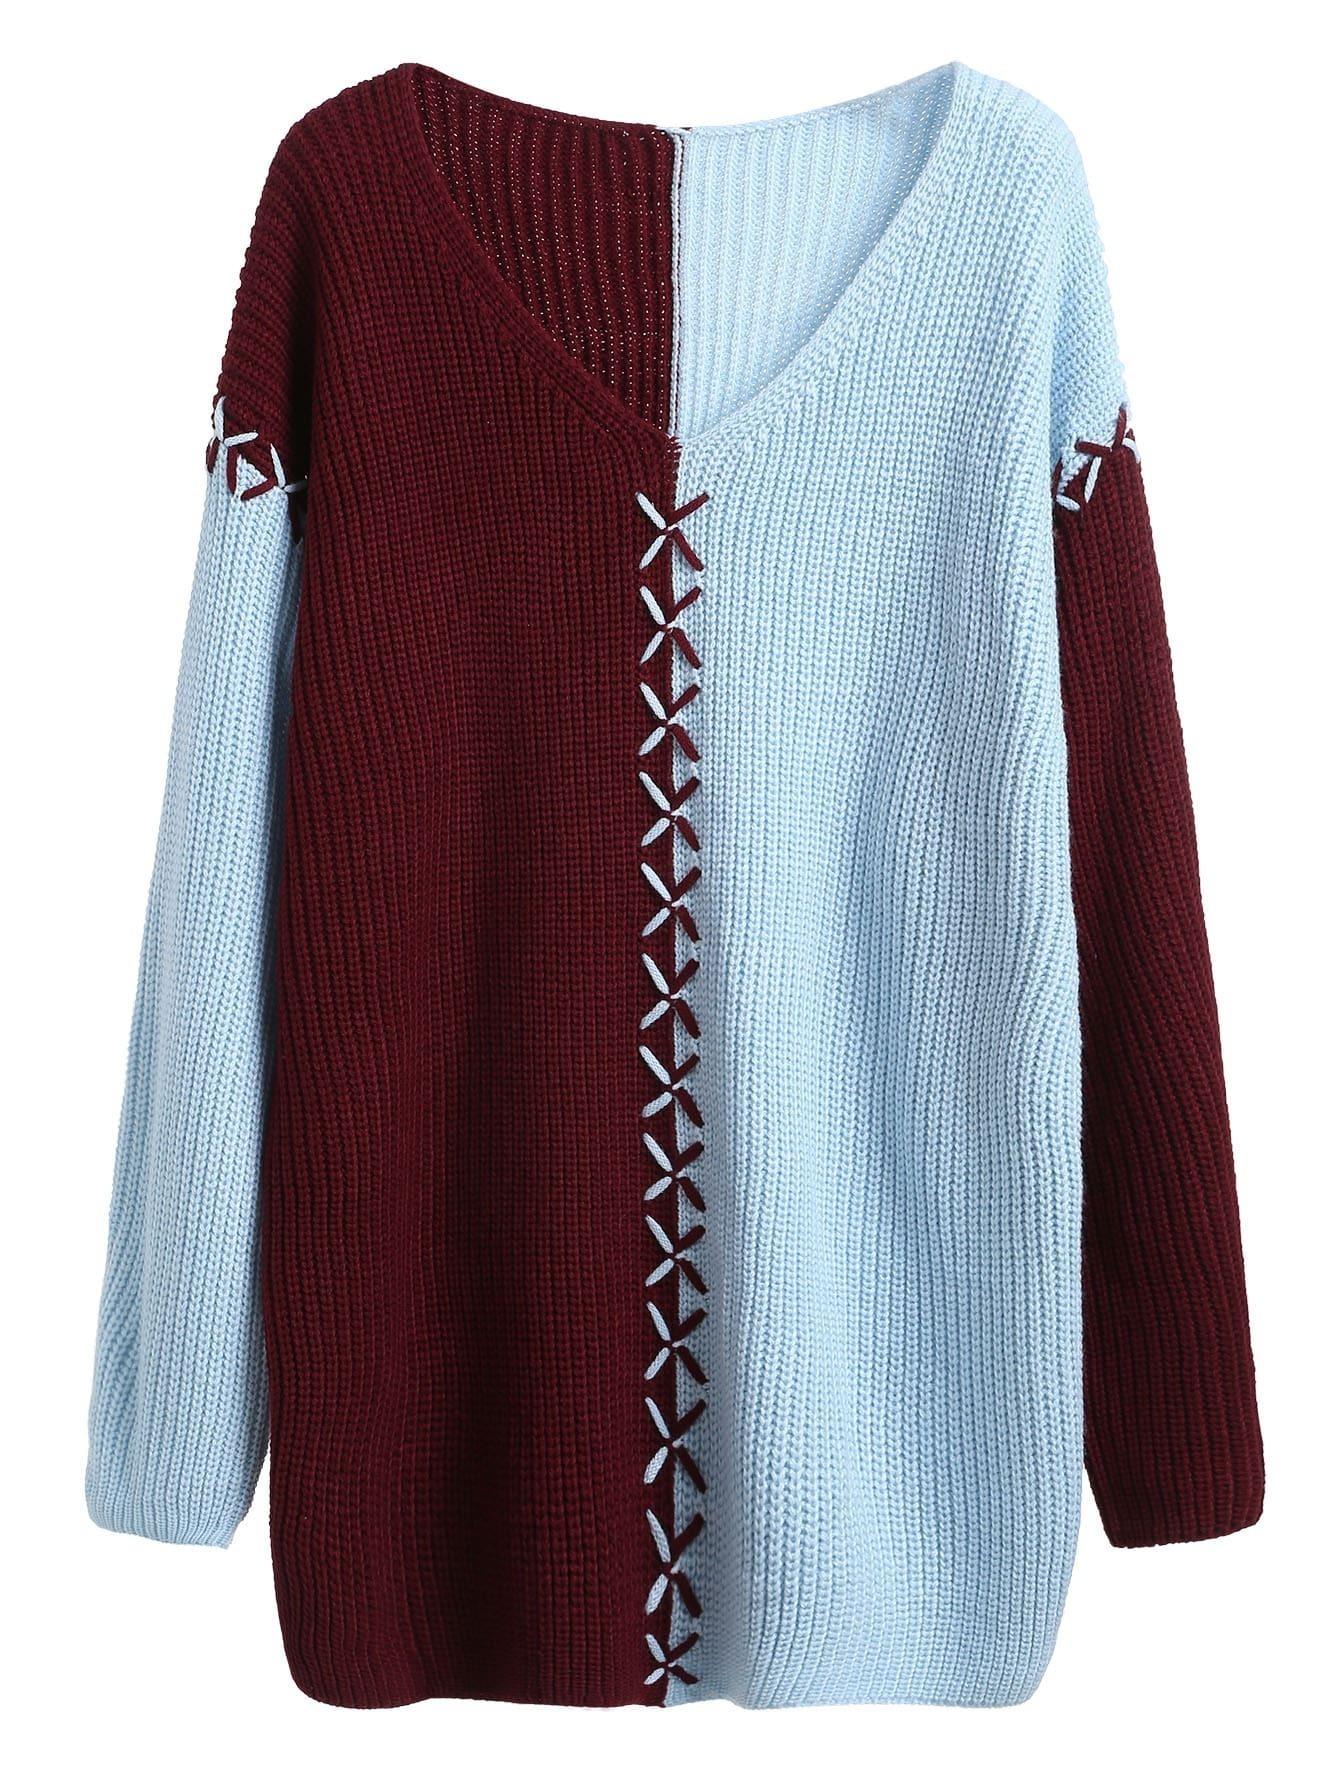 Contrast V Neck Dropped Shoulder Seam Sweater Dress RDRE160907101